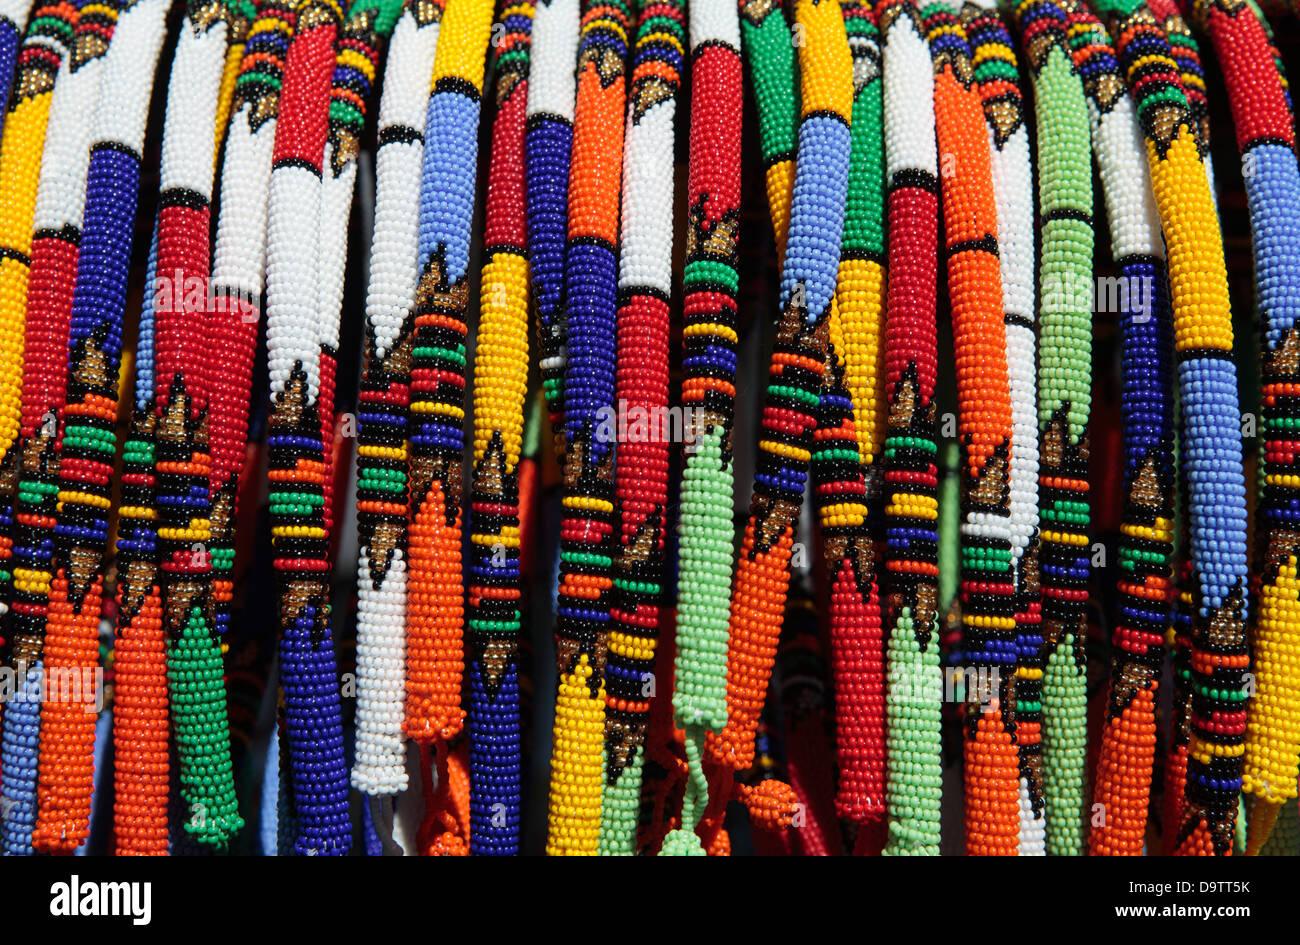 Zulu Xhosa Beaded Necklace - Stock Image